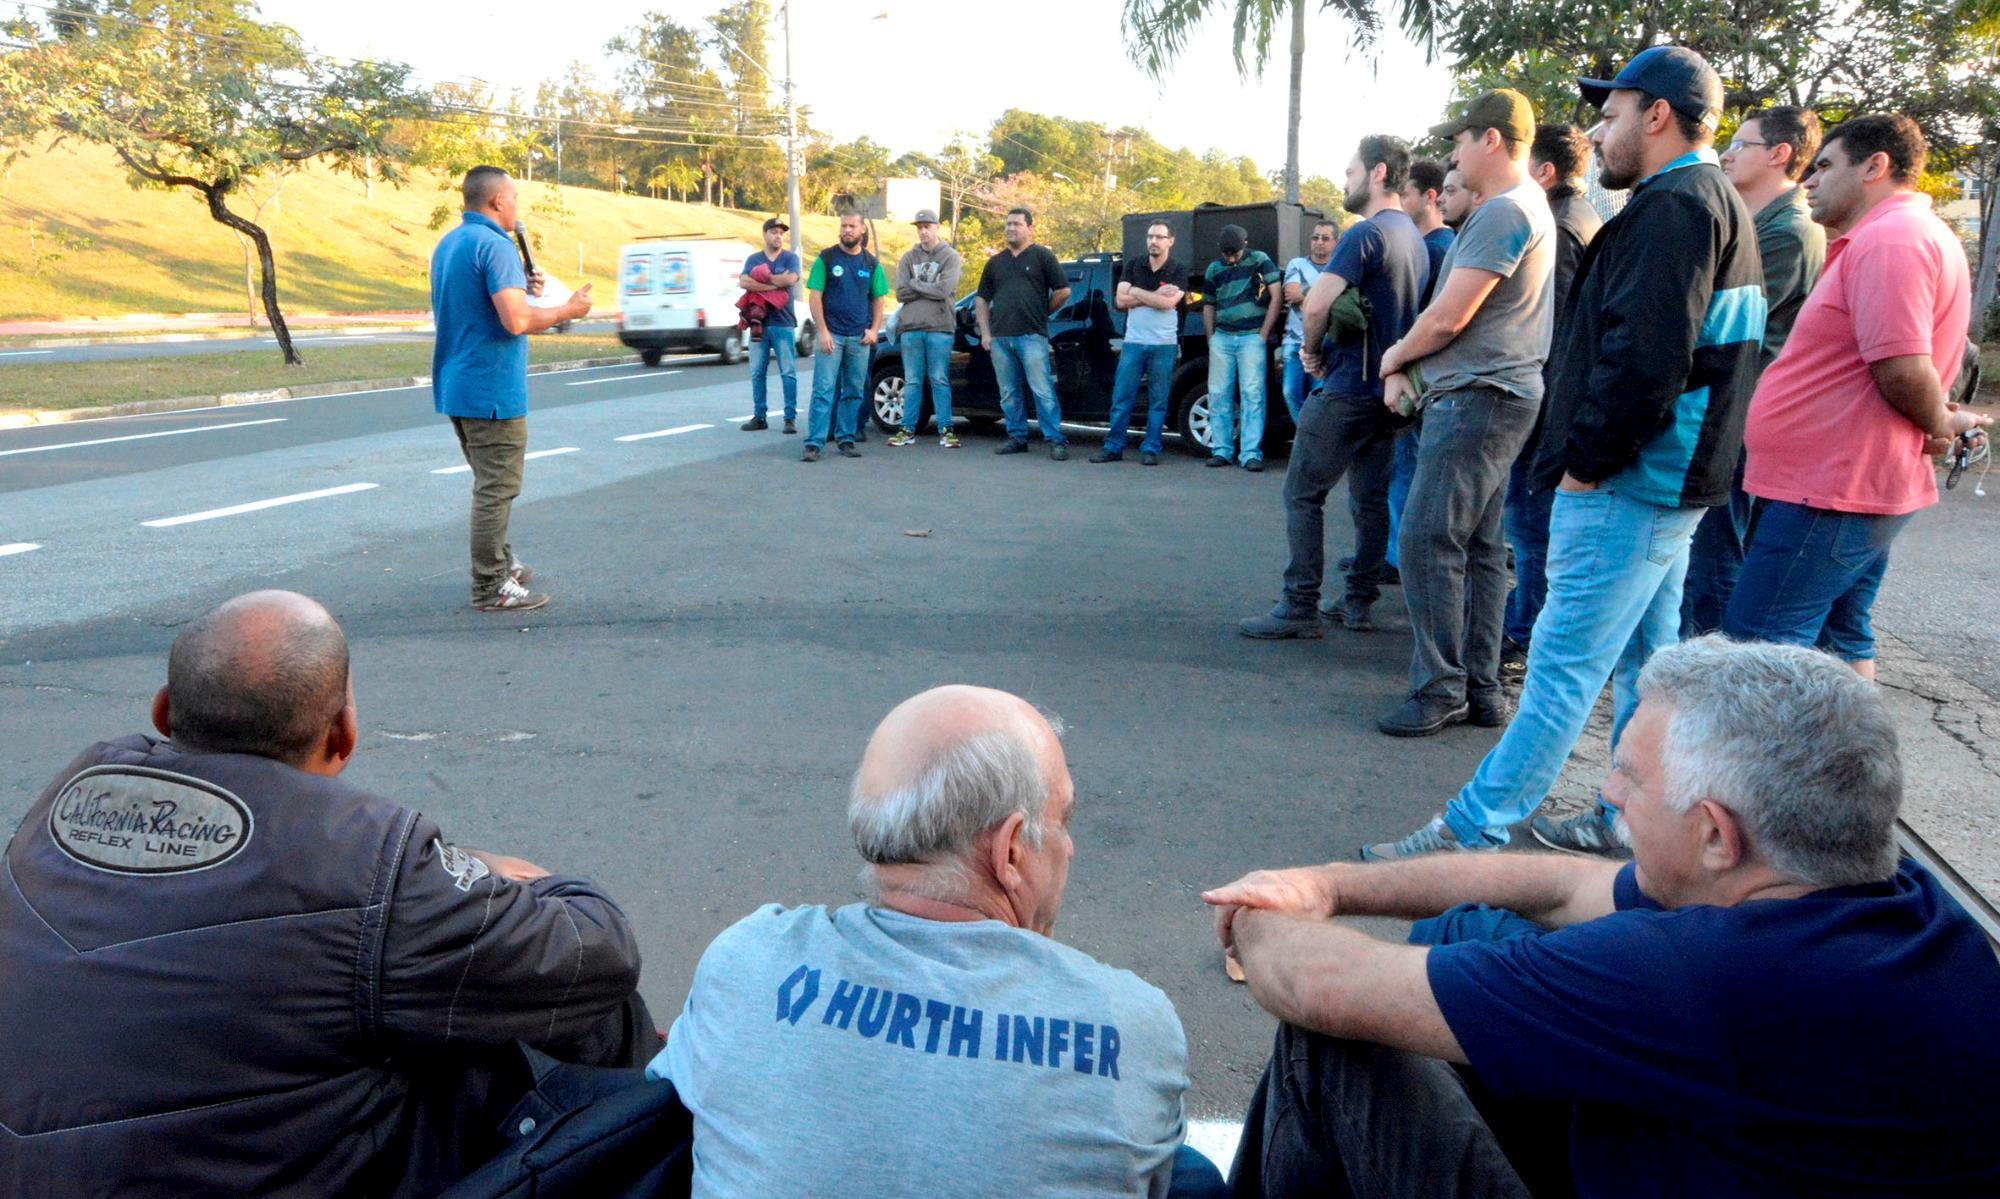 Sindicato faz acordo de jornada 2x2 para trabalhadores da Hurth Infer